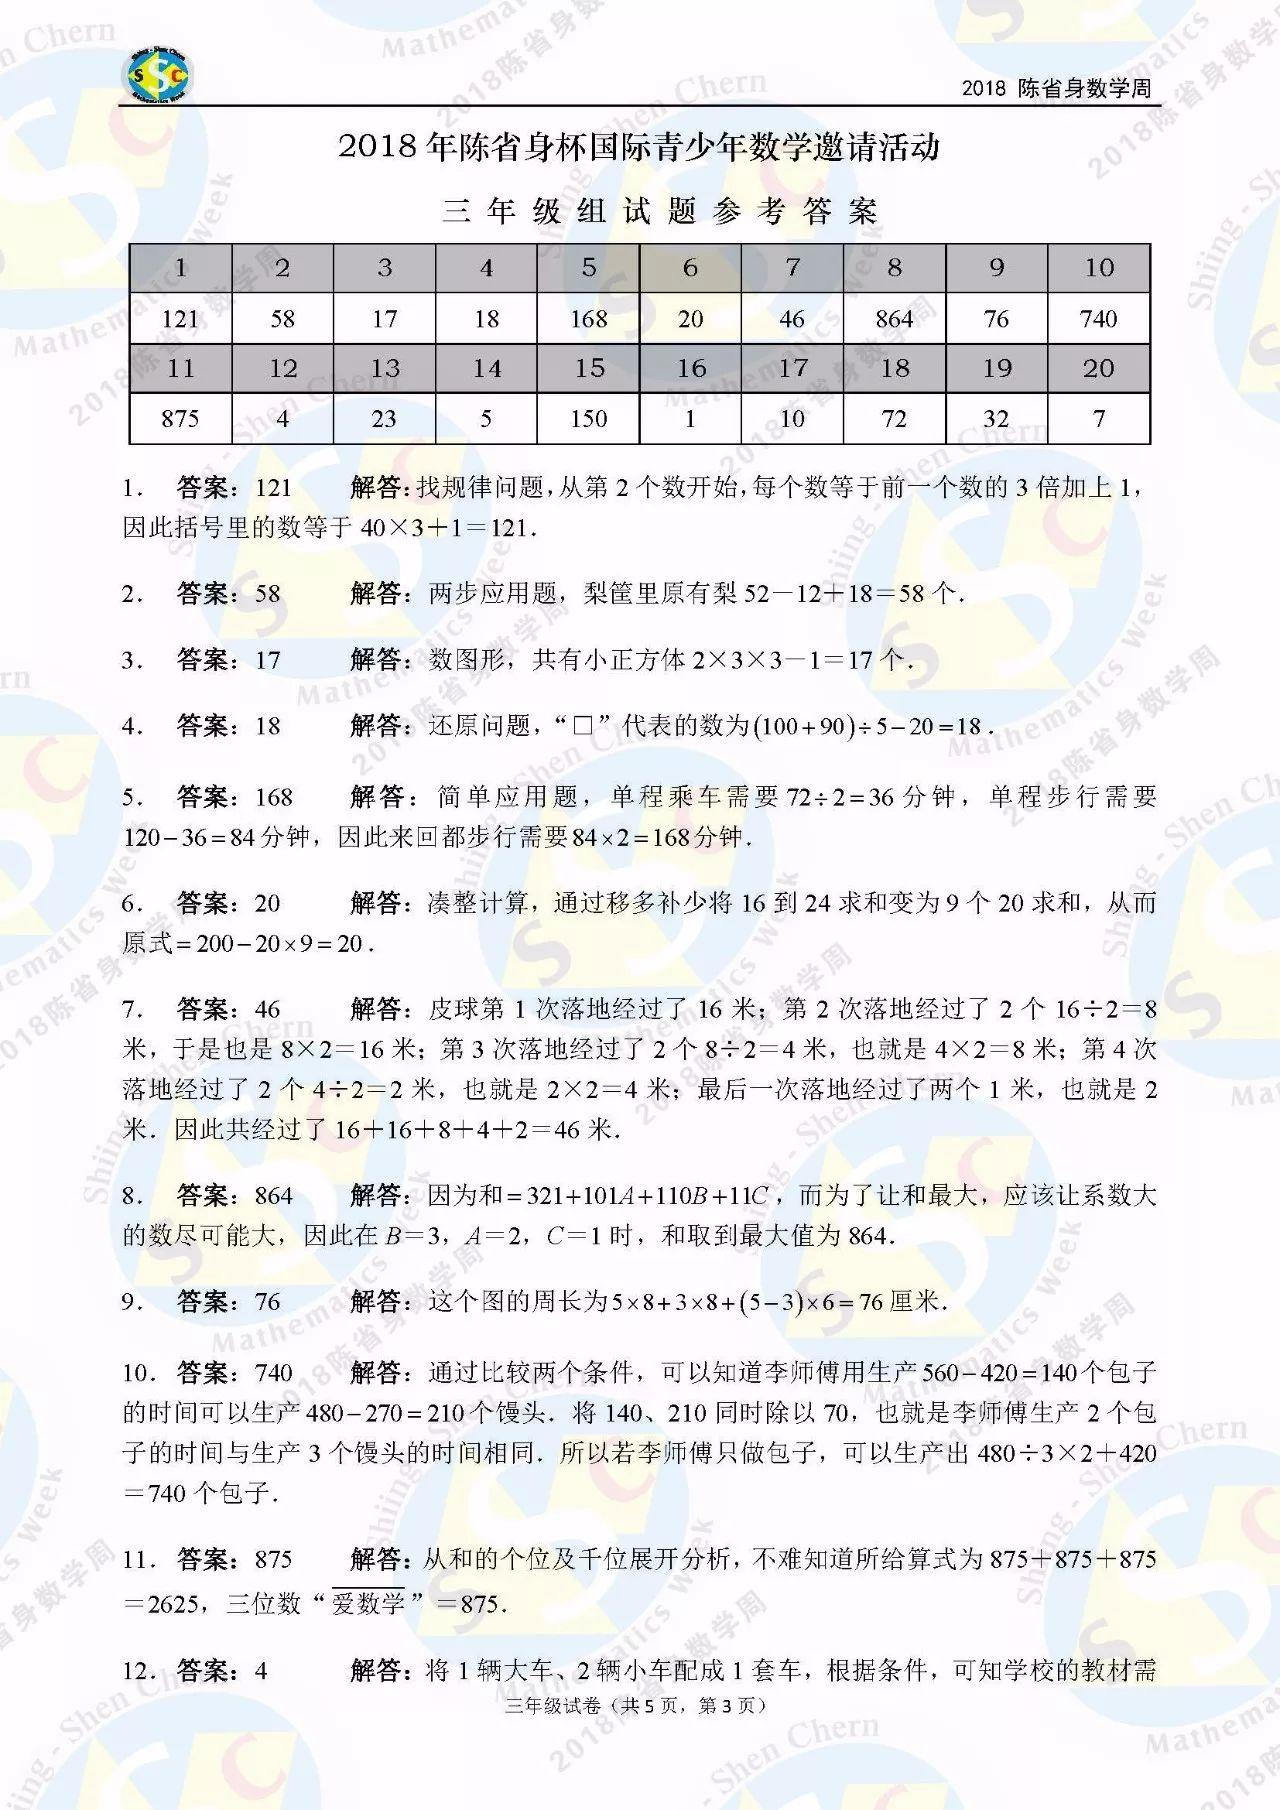 2018年陈省身杯国际青少年数学邀请赛三年级答案解析1